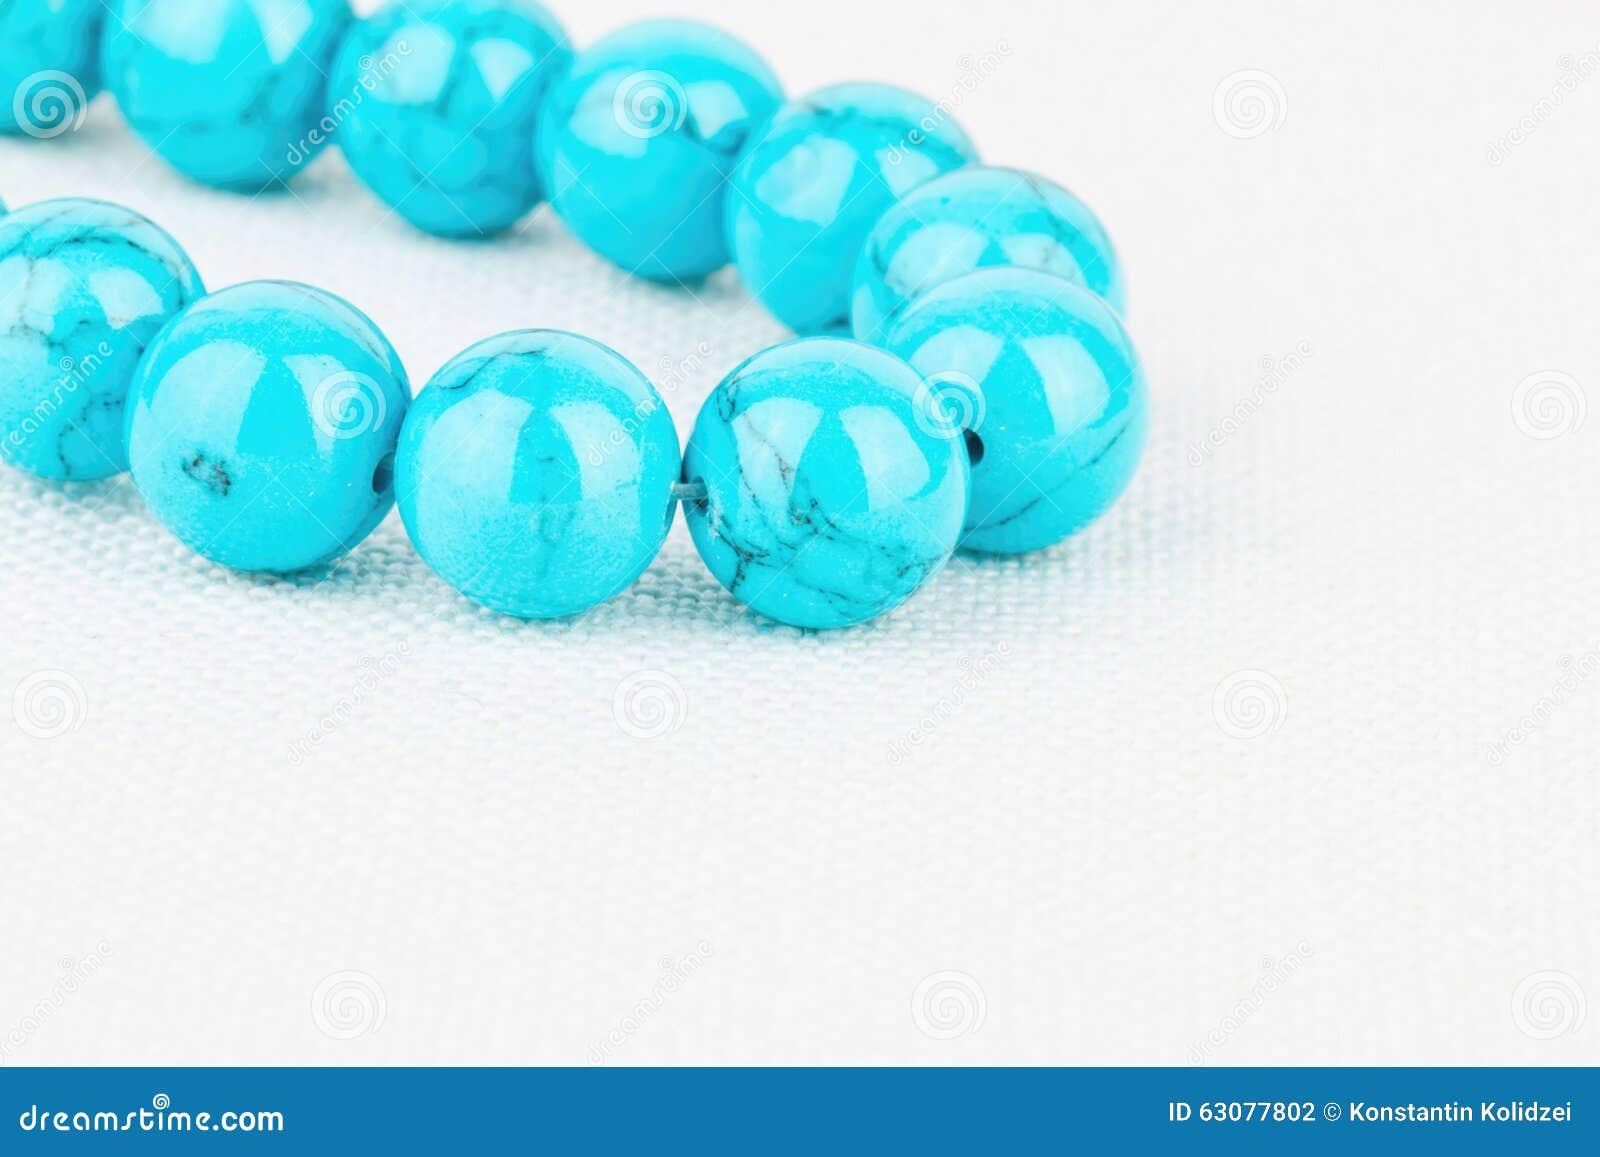 Download Perle des bijoux photo stock. Image du matériel, accessoire - 63077802